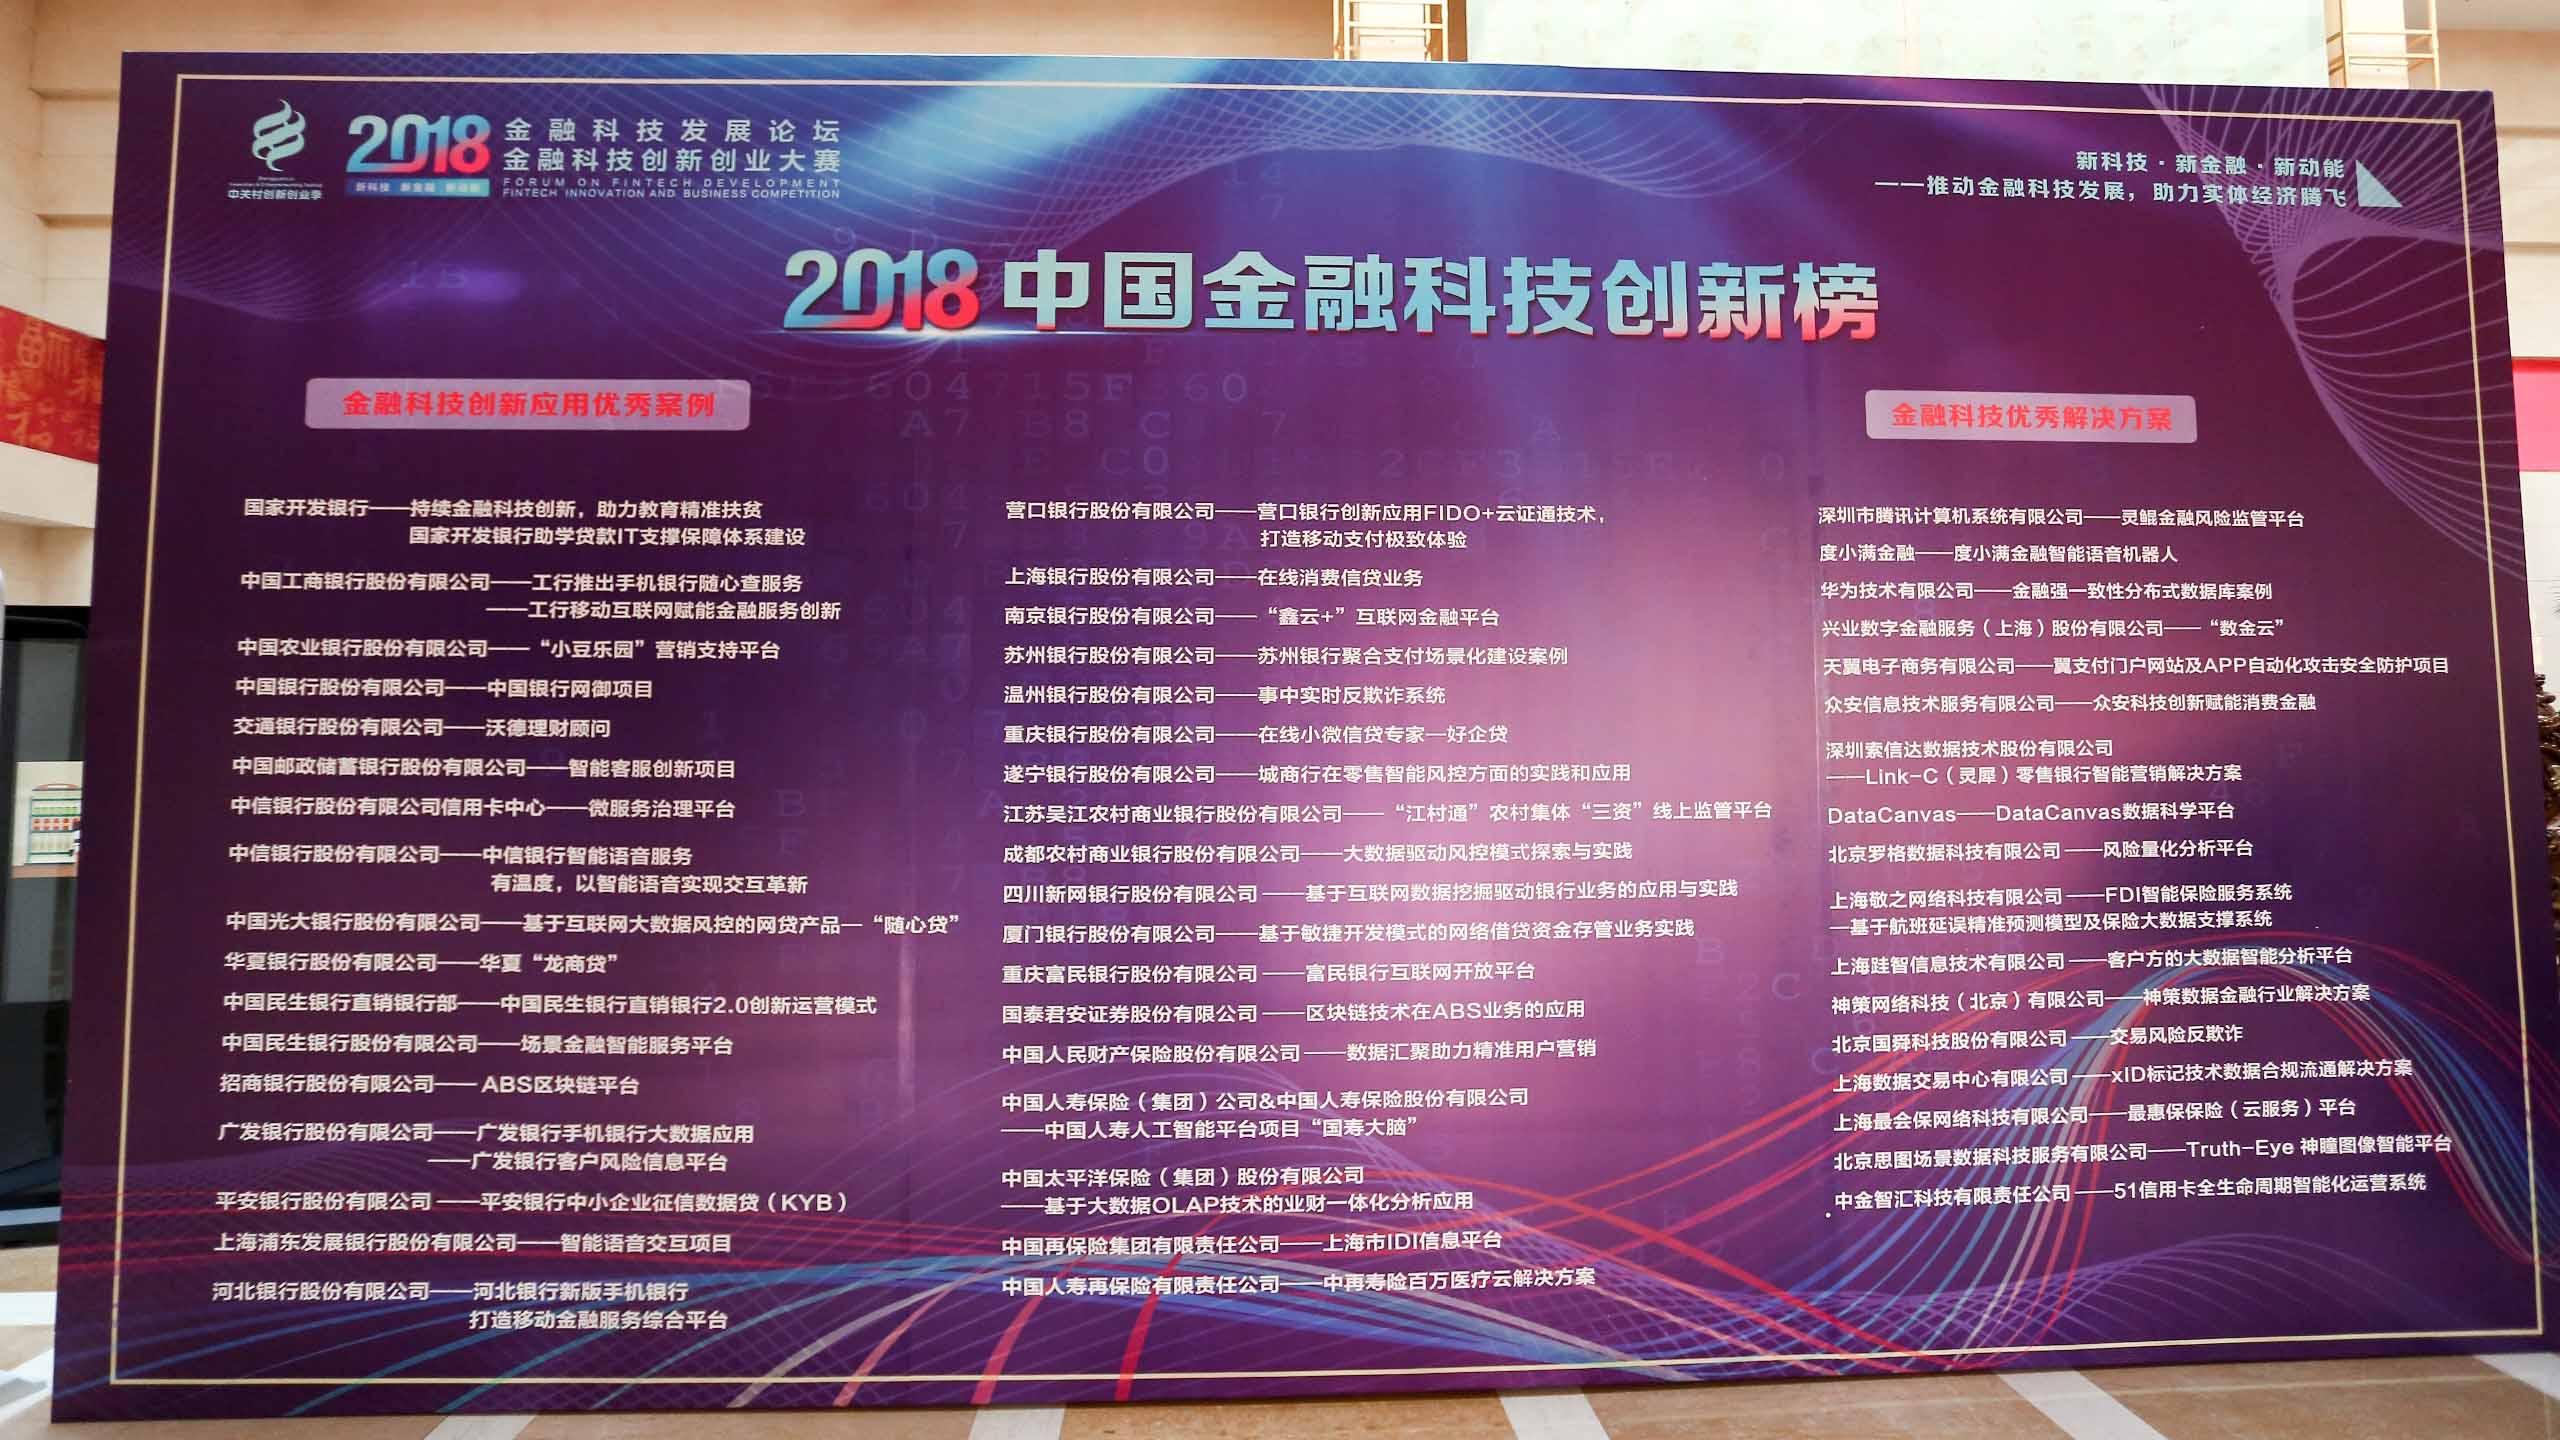 中国金融科技创新榜